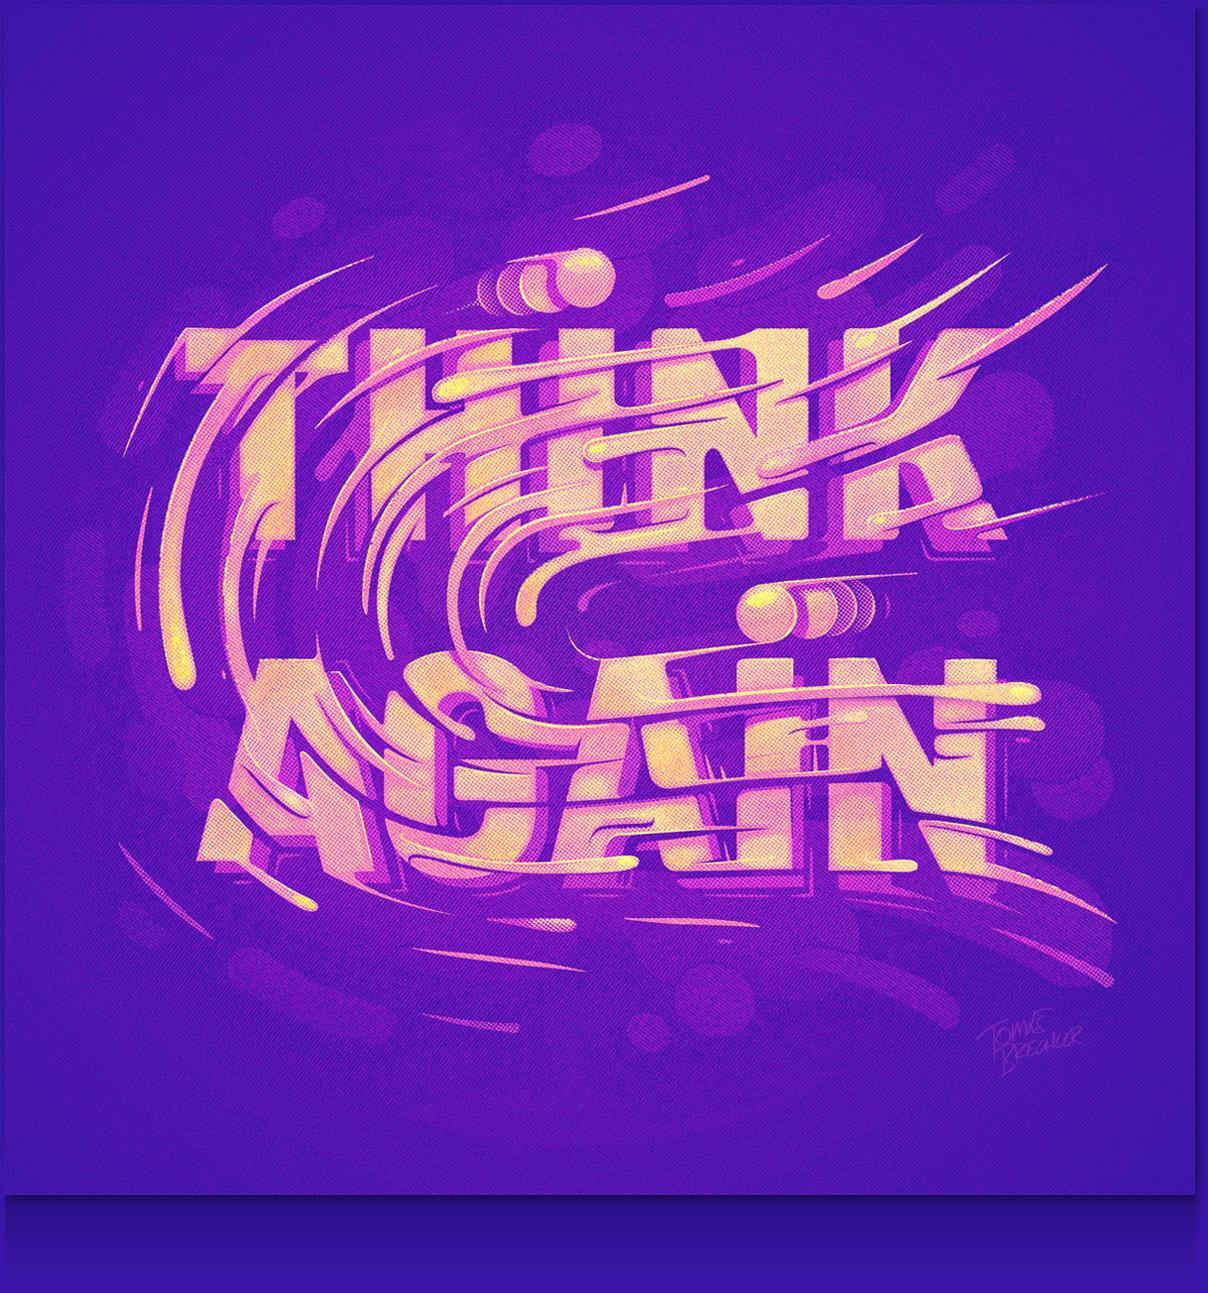 thinagain-wp-jpg